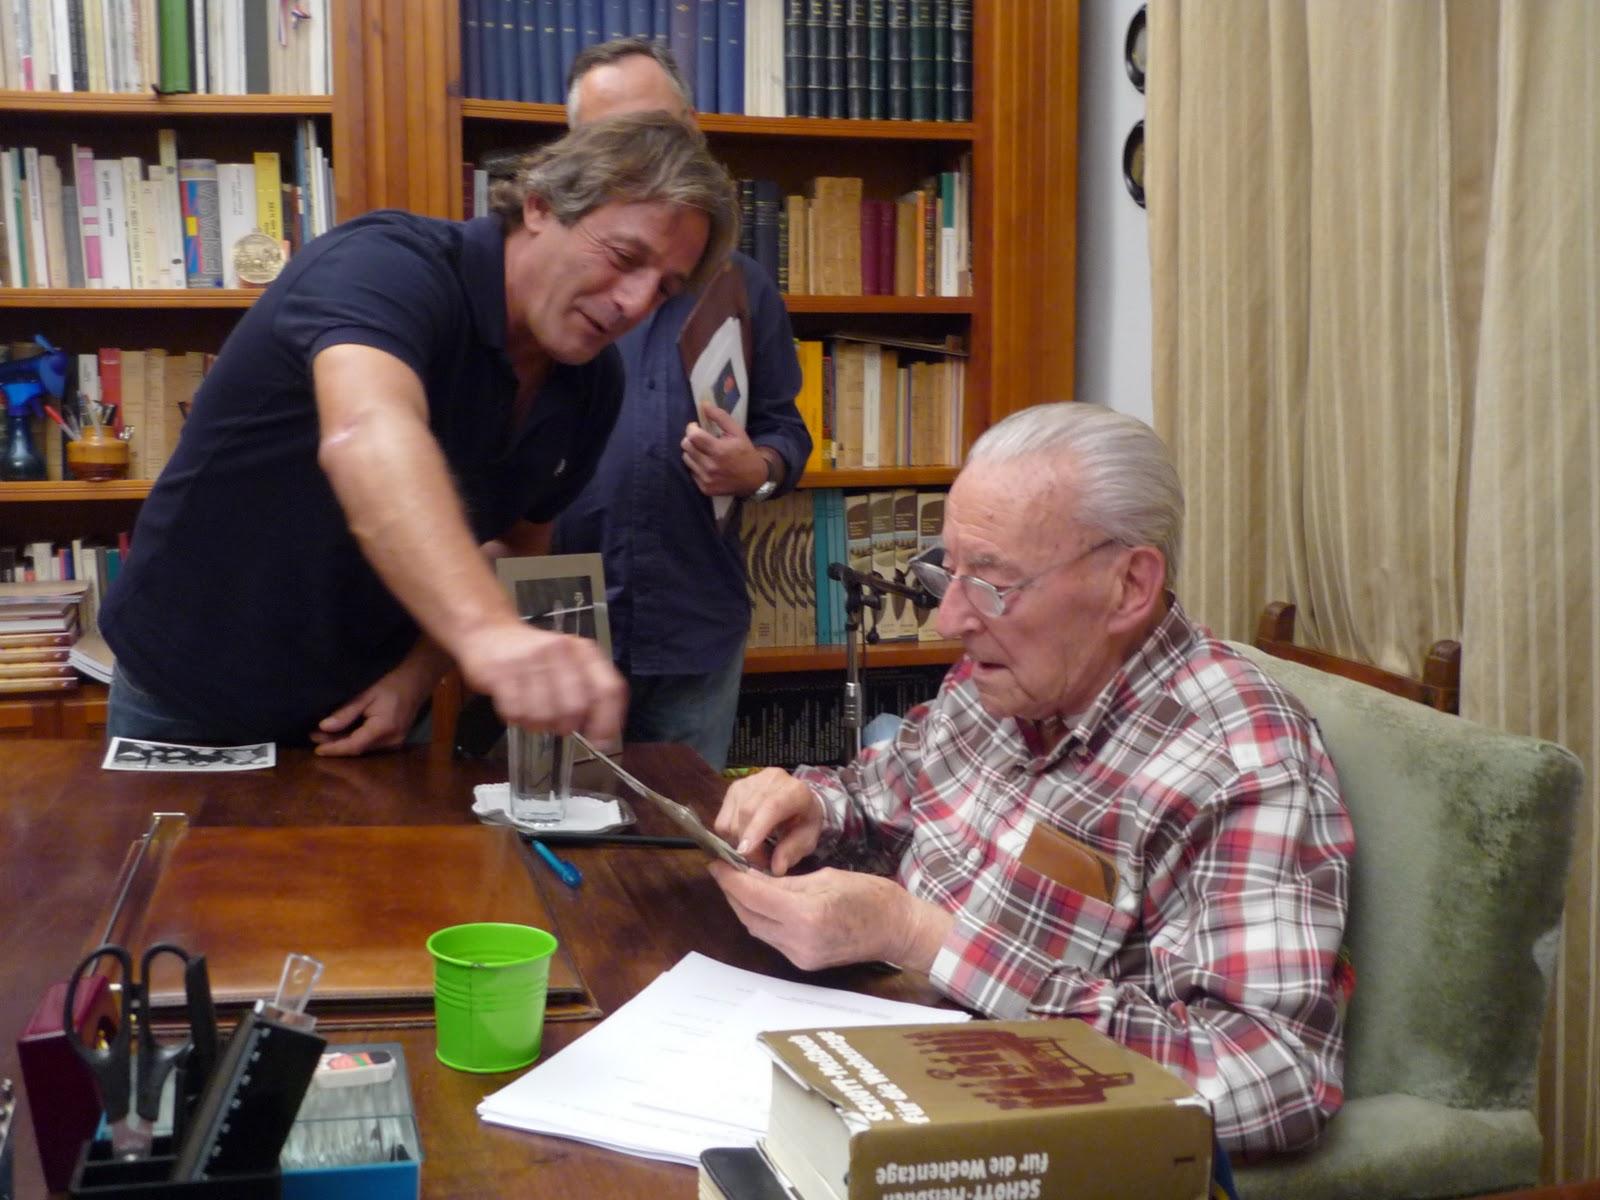 A sus 93 años, Blas Piñar mantiene una frenética actividad diaria.